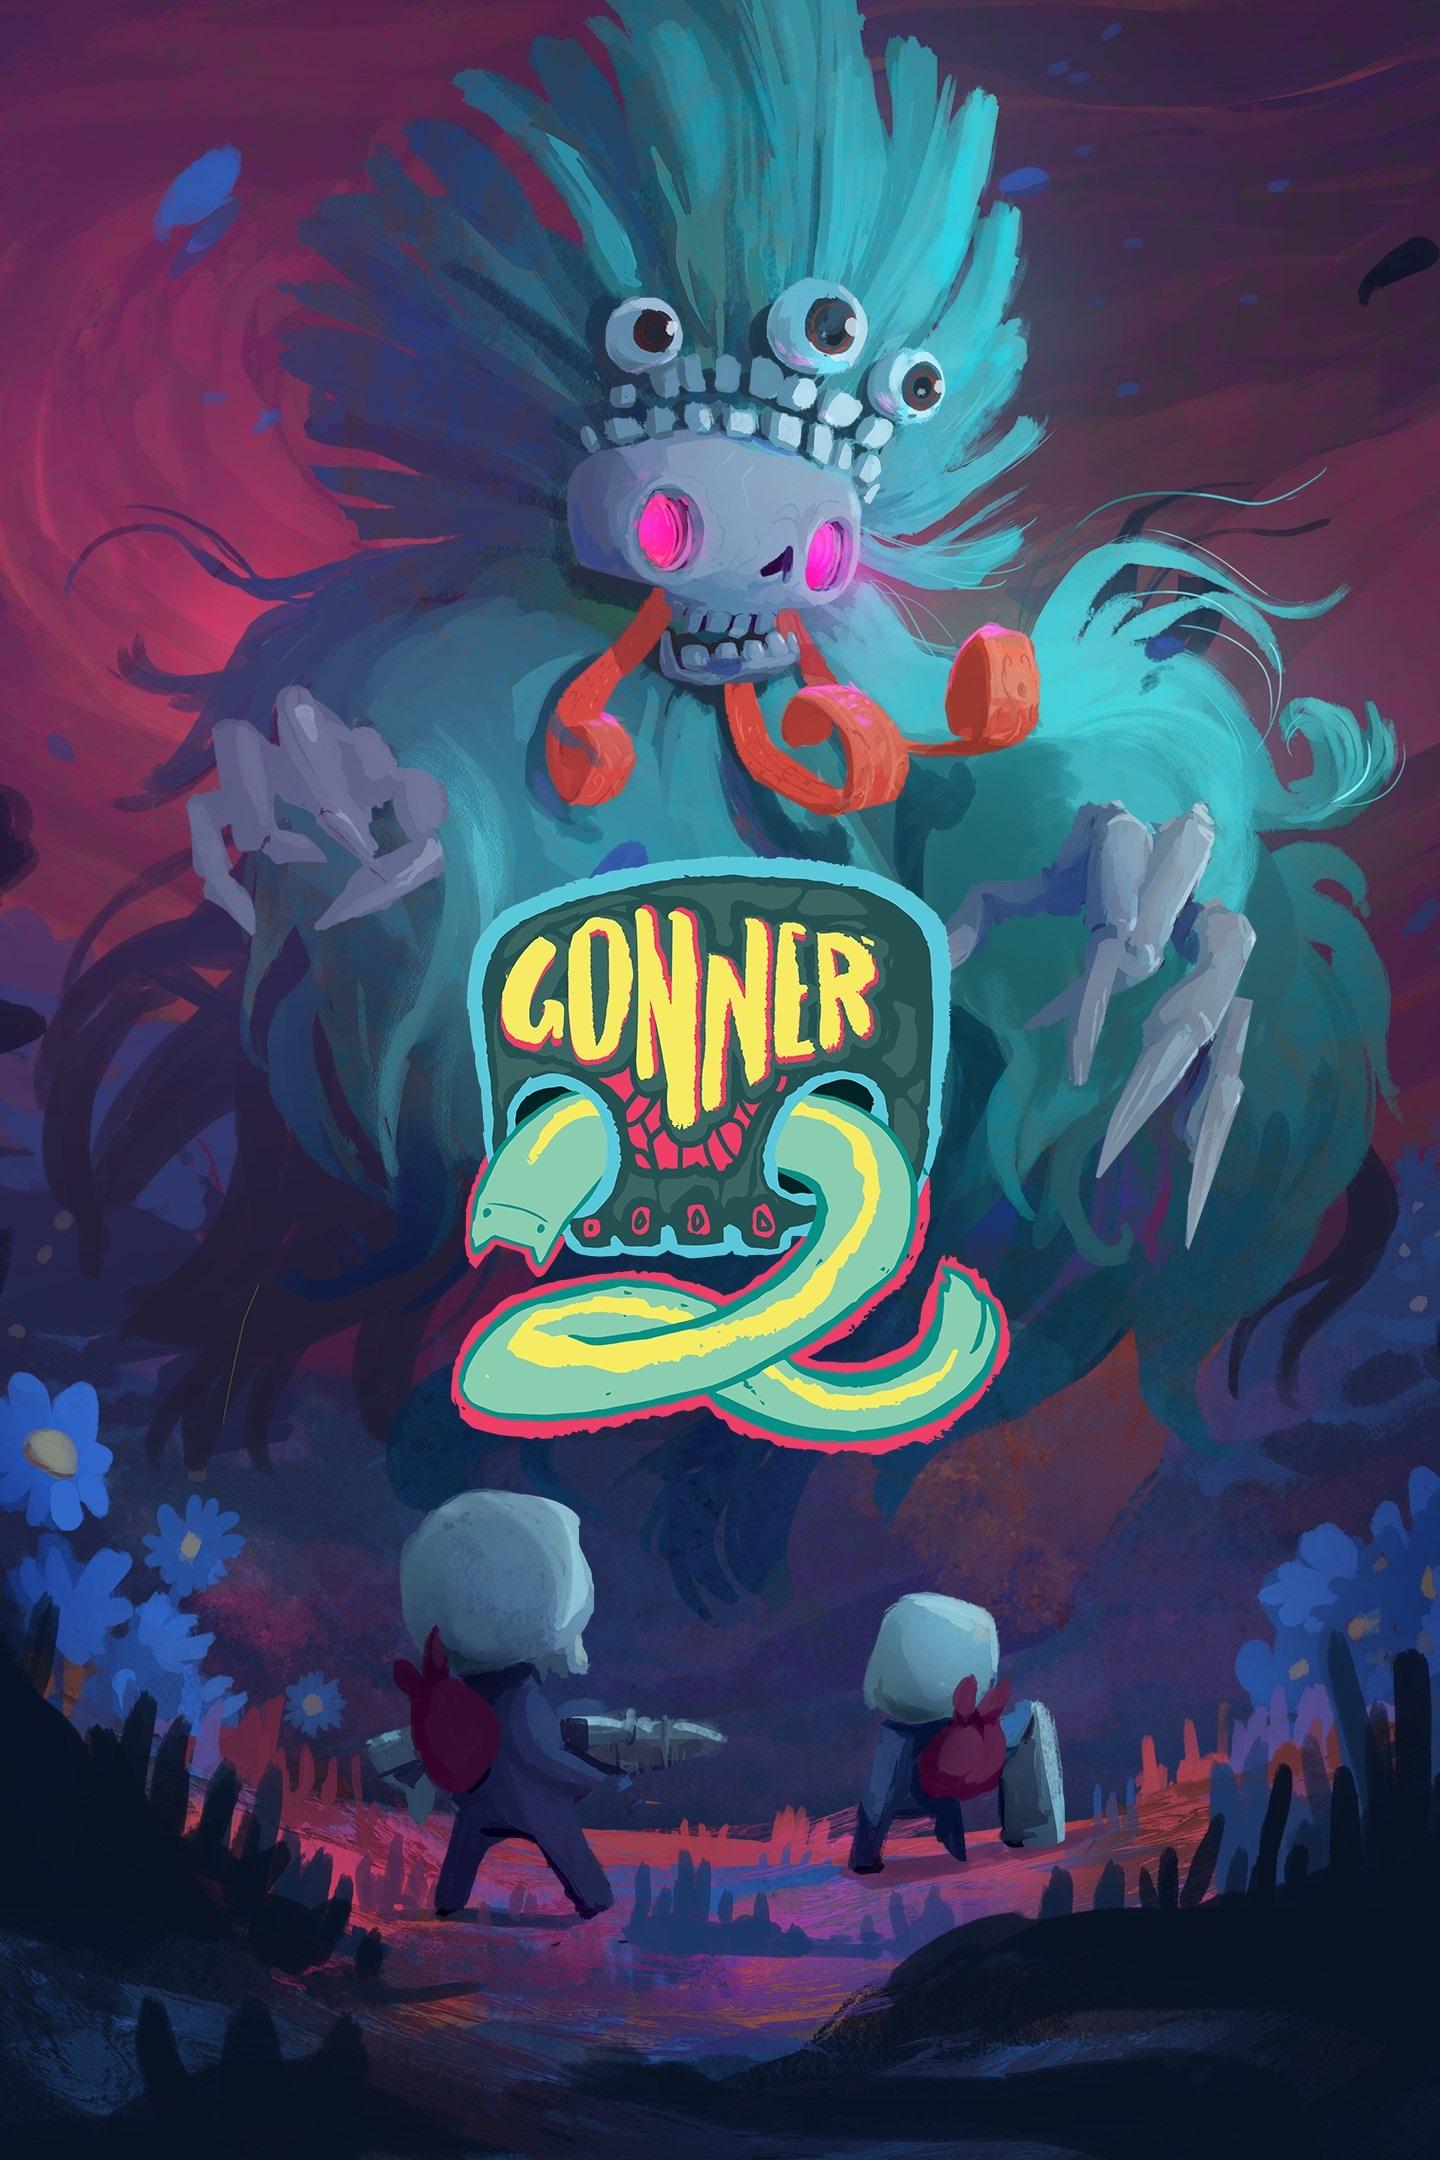 GONNER2 WIN10